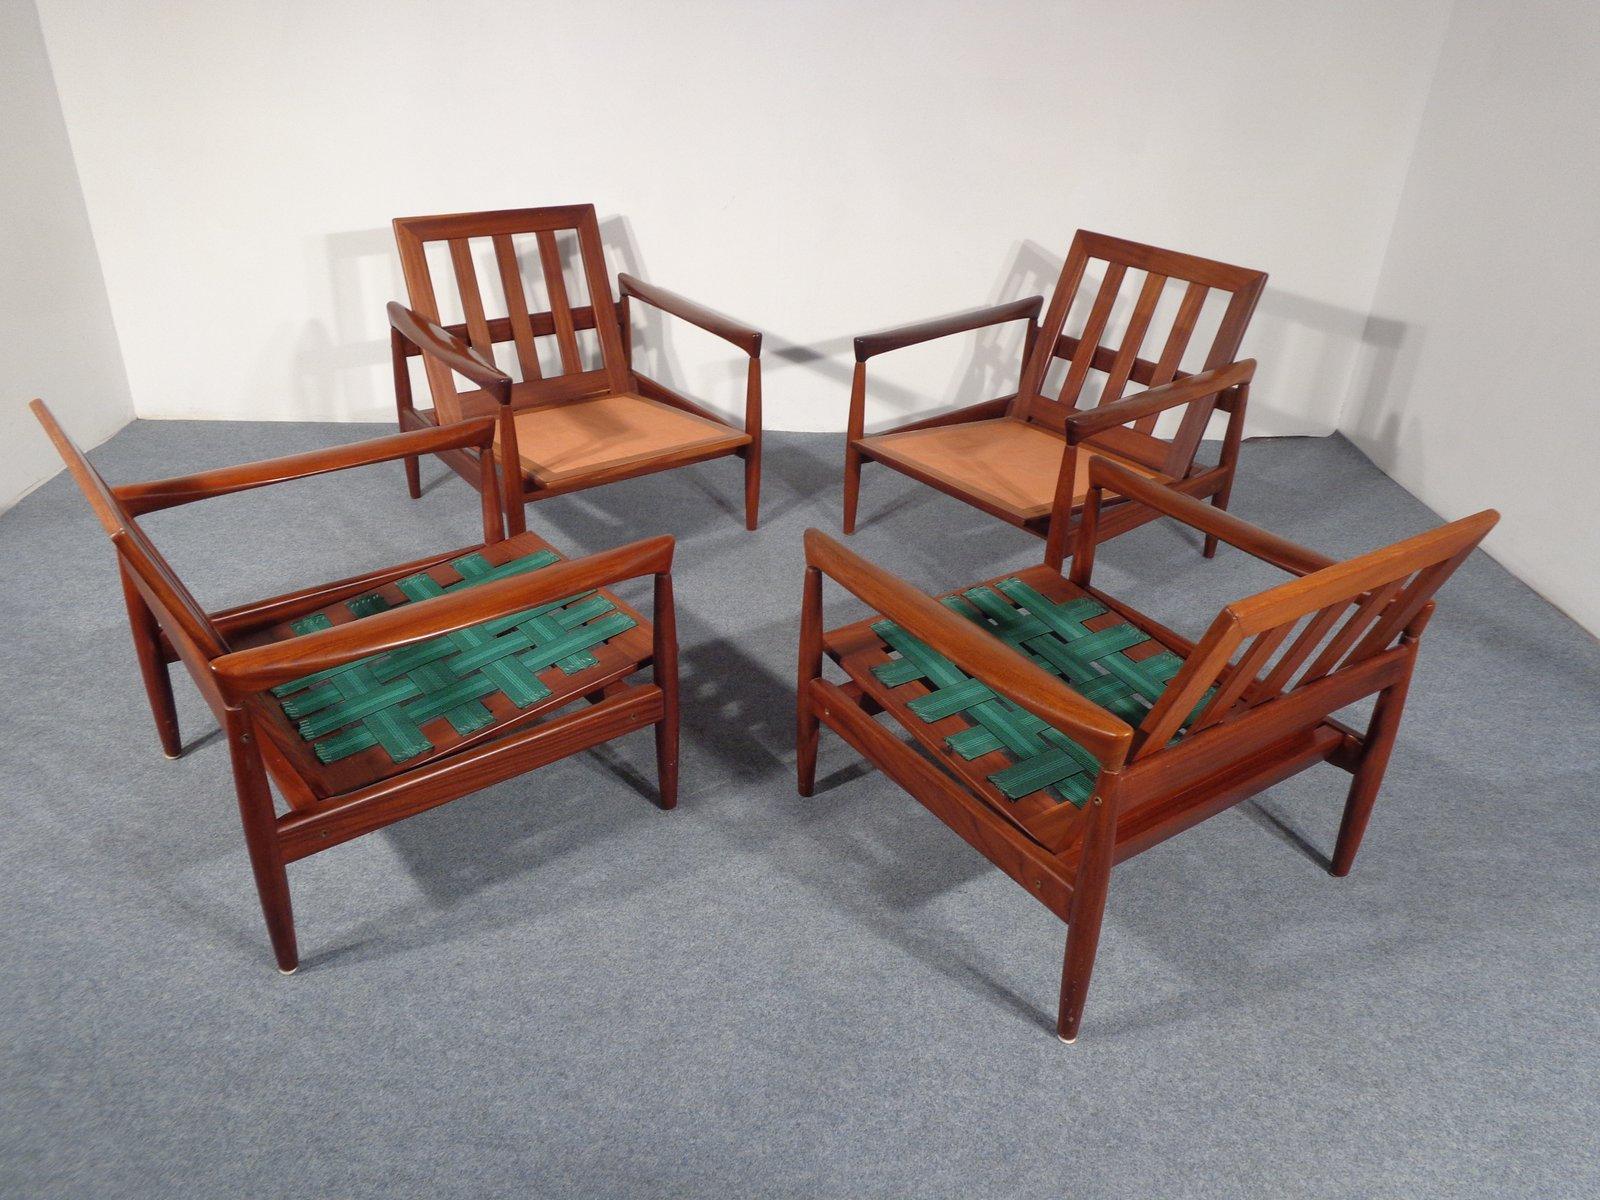 schwedischer teakholz lounge stuhl von erik w rtz f r. Black Bedroom Furniture Sets. Home Design Ideas